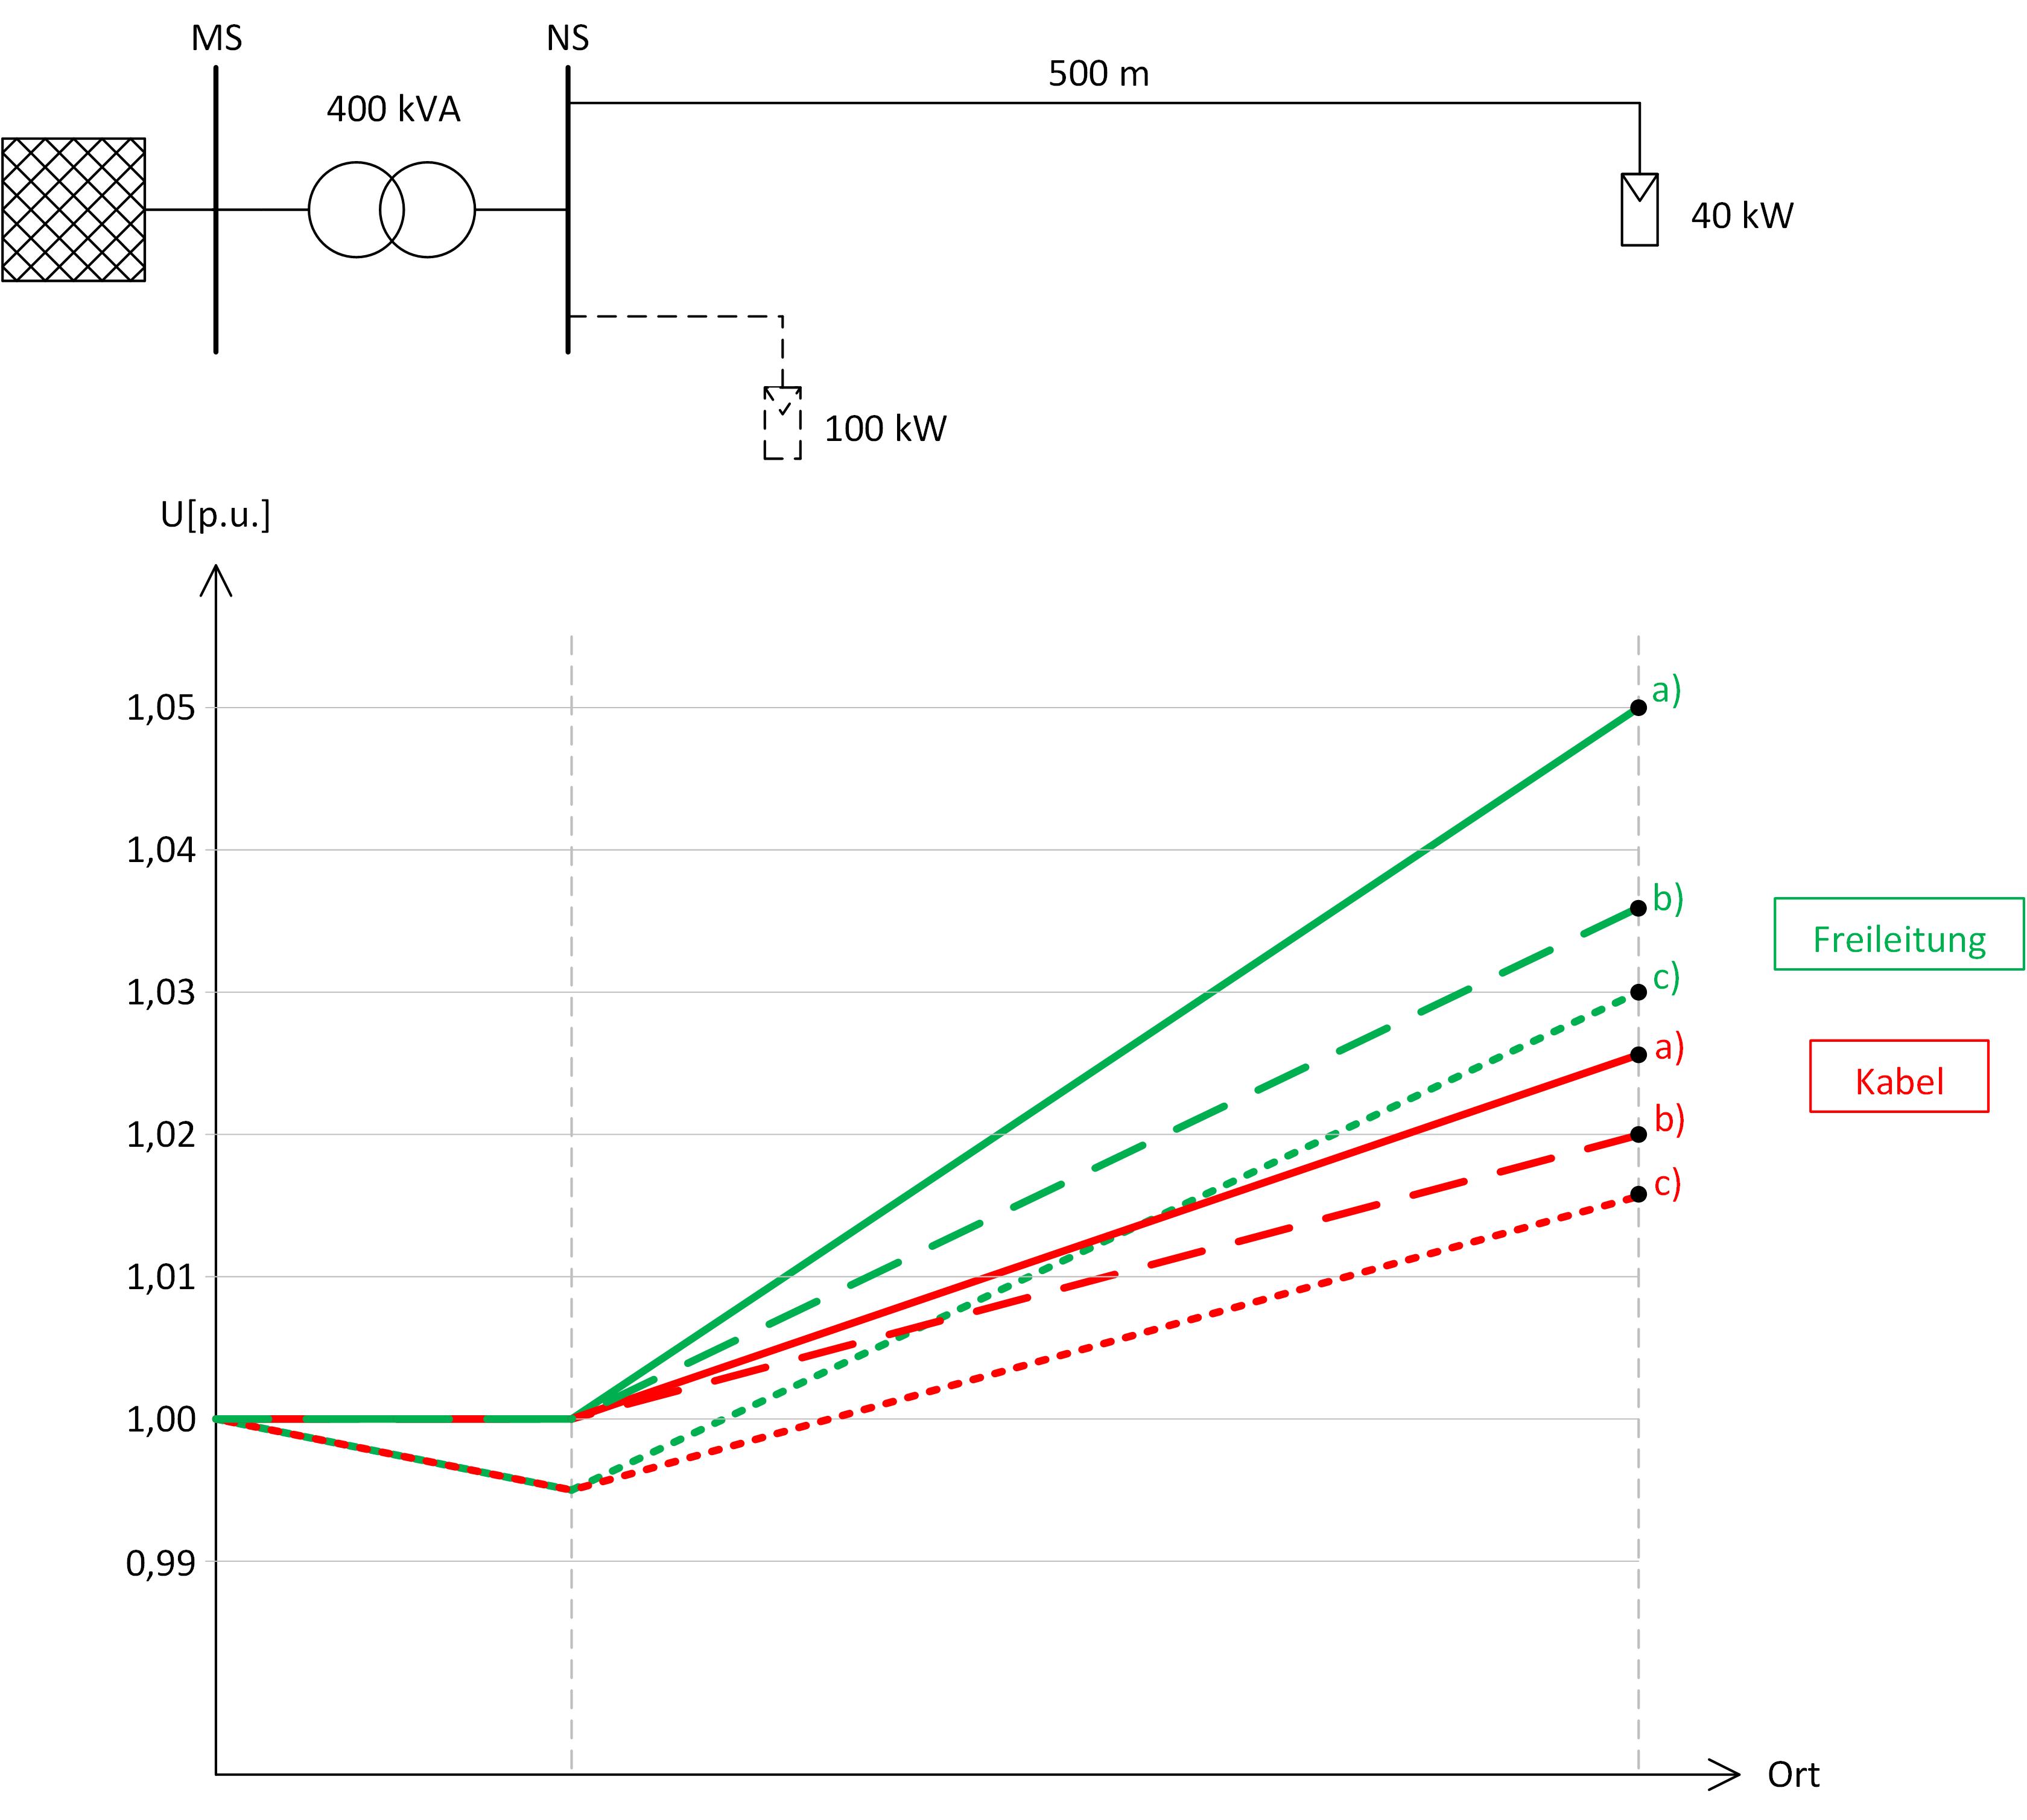 Spannungsanhebung bei verschiedenen Leitungstypen